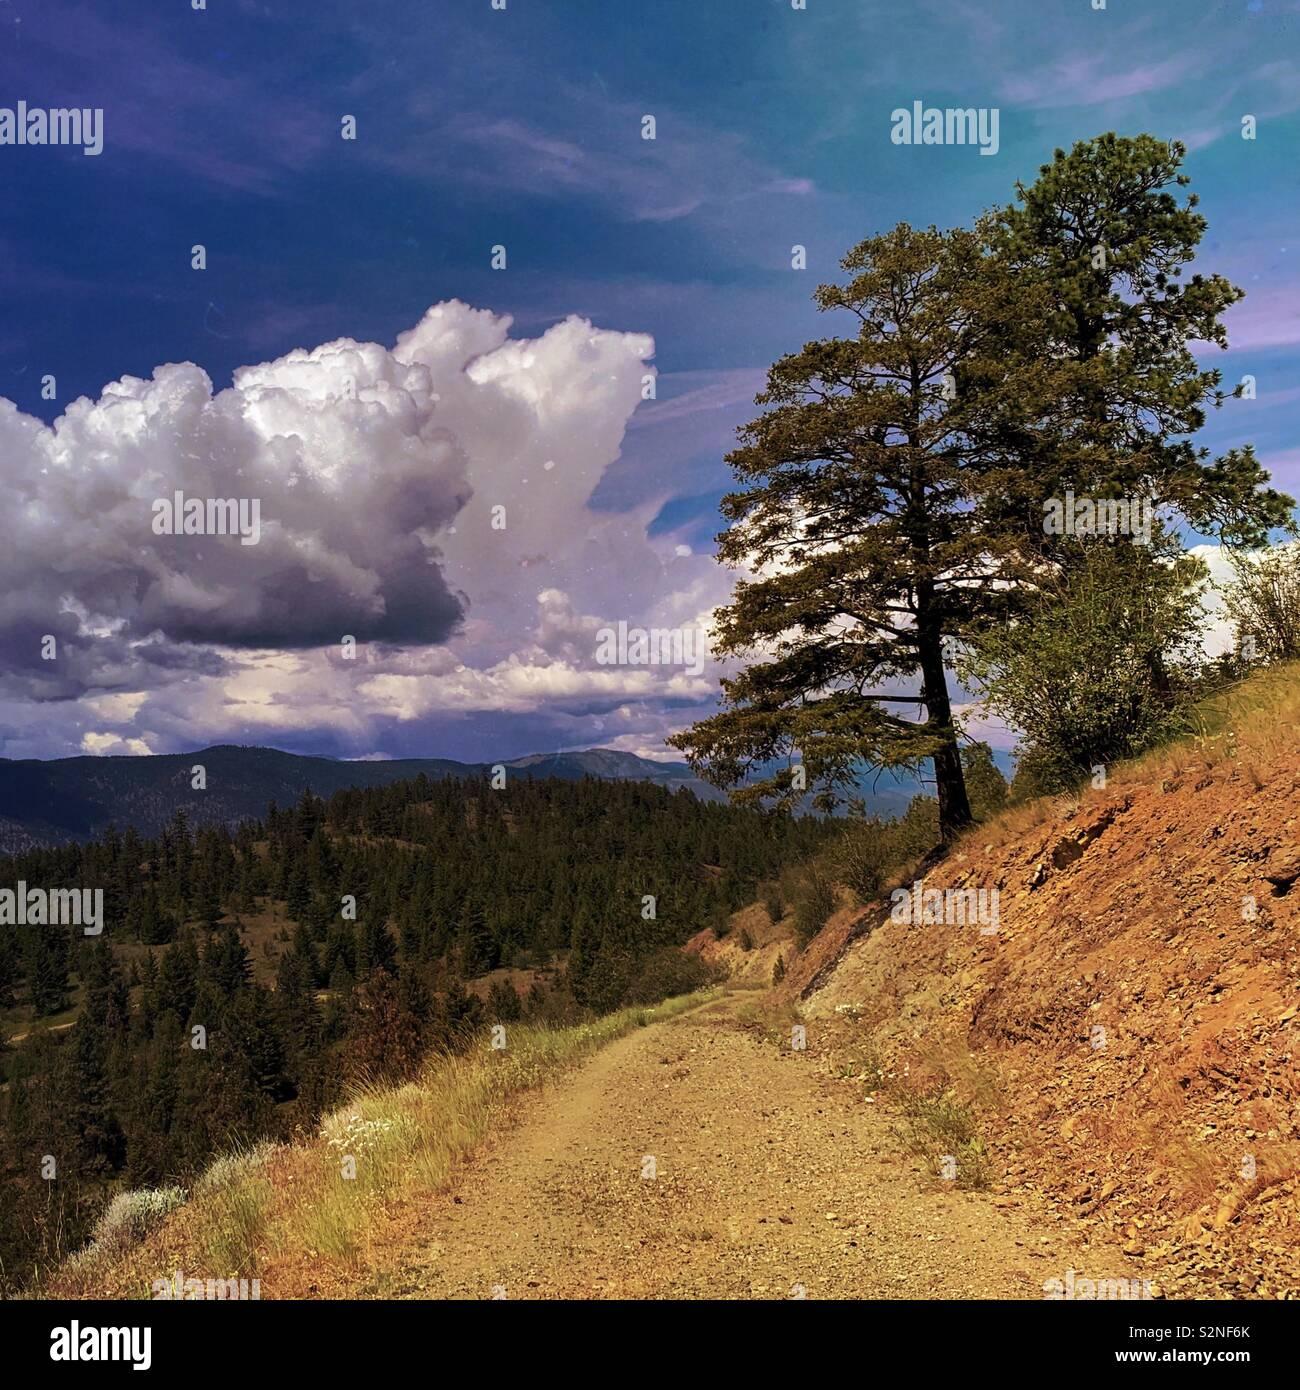 Sentier de randonnée de la terre avec les arbres à feuilles persistantes, ciel bleu et nuages blancs au loin. Les carrés. Banque D'Images